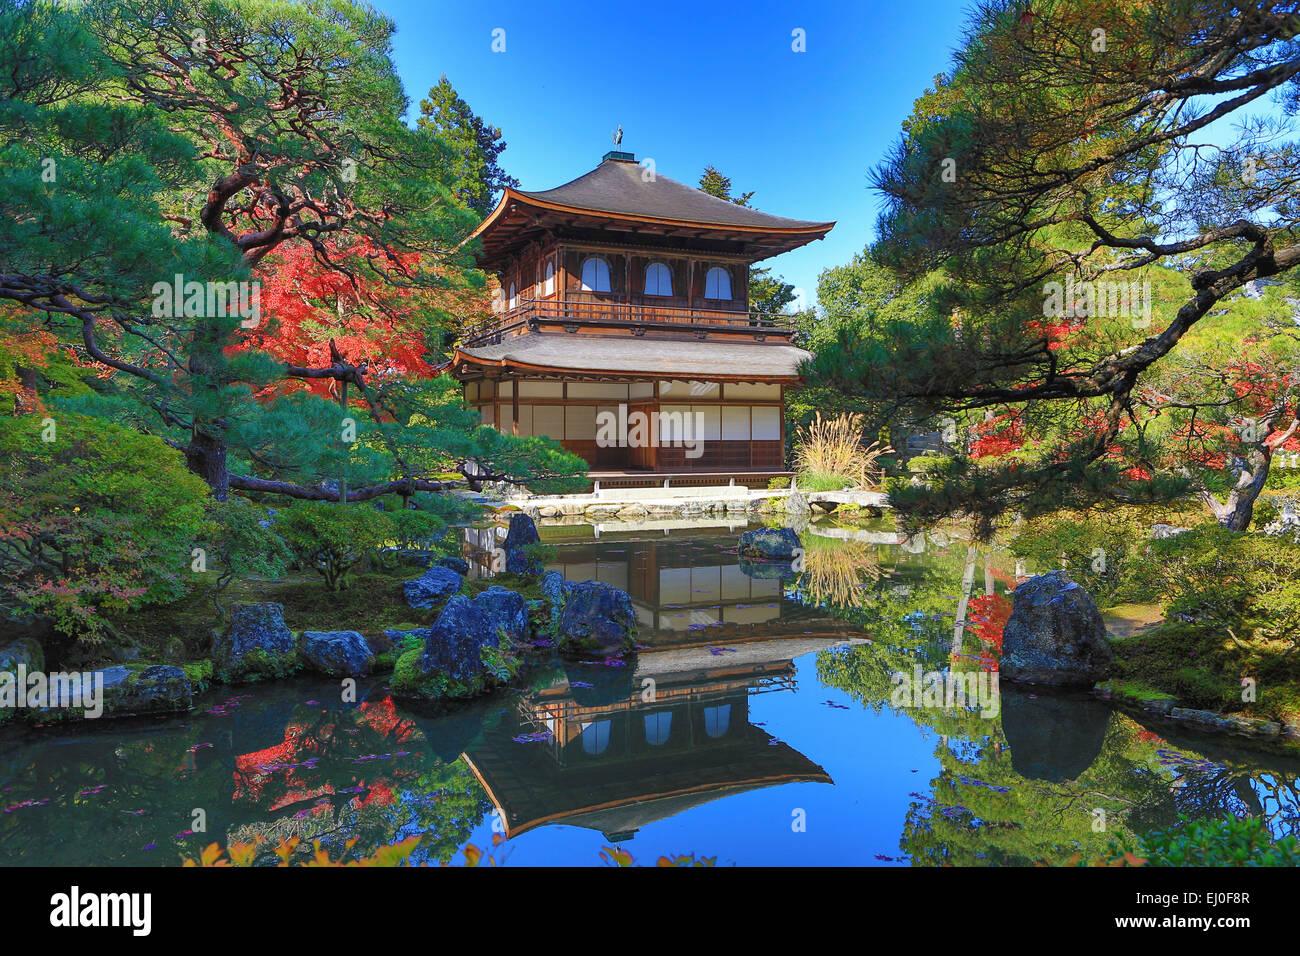 Eredità di Mondo, Ginkaku-ji, Giappone, Asia, Kansai, Kyoto, Giapponese, Paesaggio, architettura, colorato, Immagini Stock